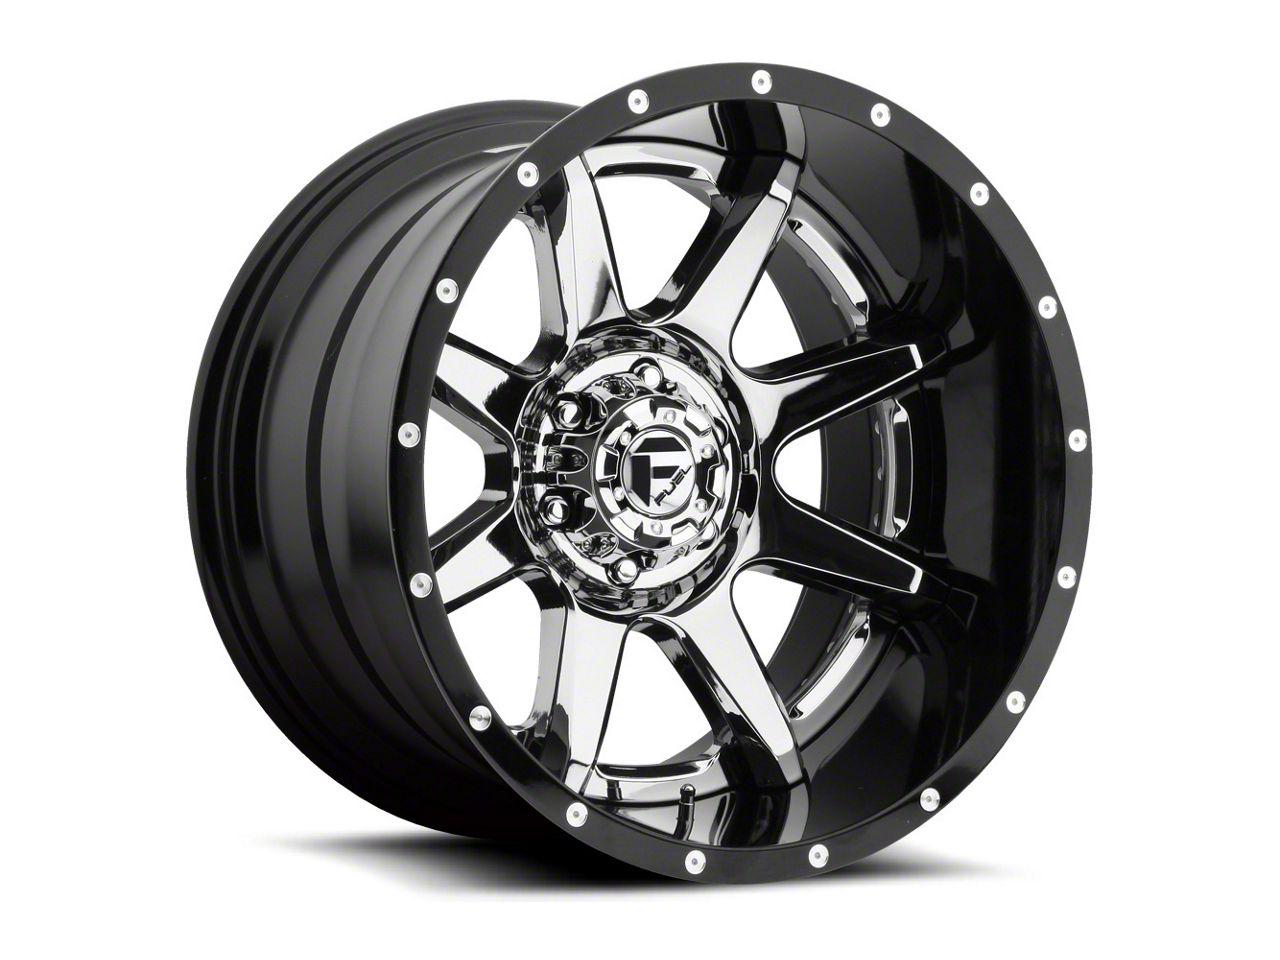 Fuel Wheels Rampage Chrome 6-Lug Wheel - 22x10 (07-18 Sierra 1500)